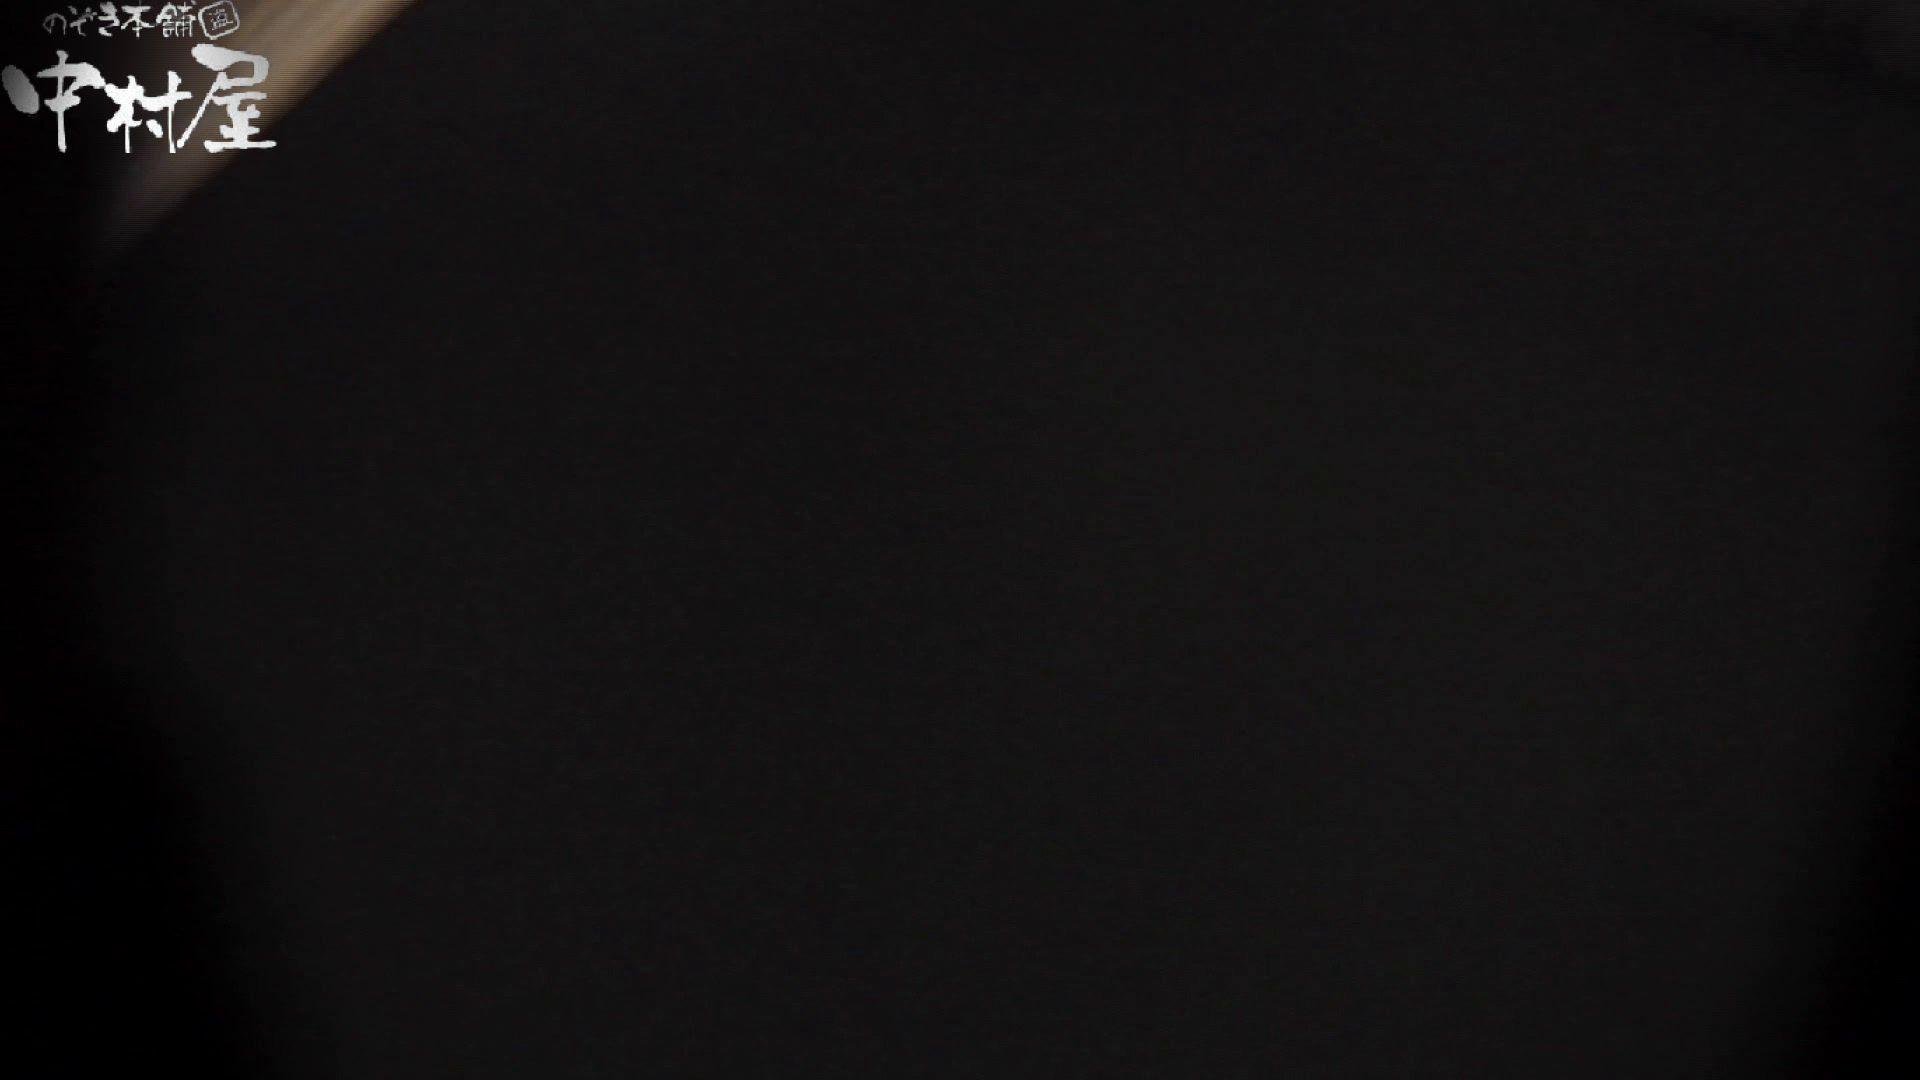 世界の射窓から vol.43 ソーニュー 前編 洗面所突入 | 美しいOLの裸体  91pic 57